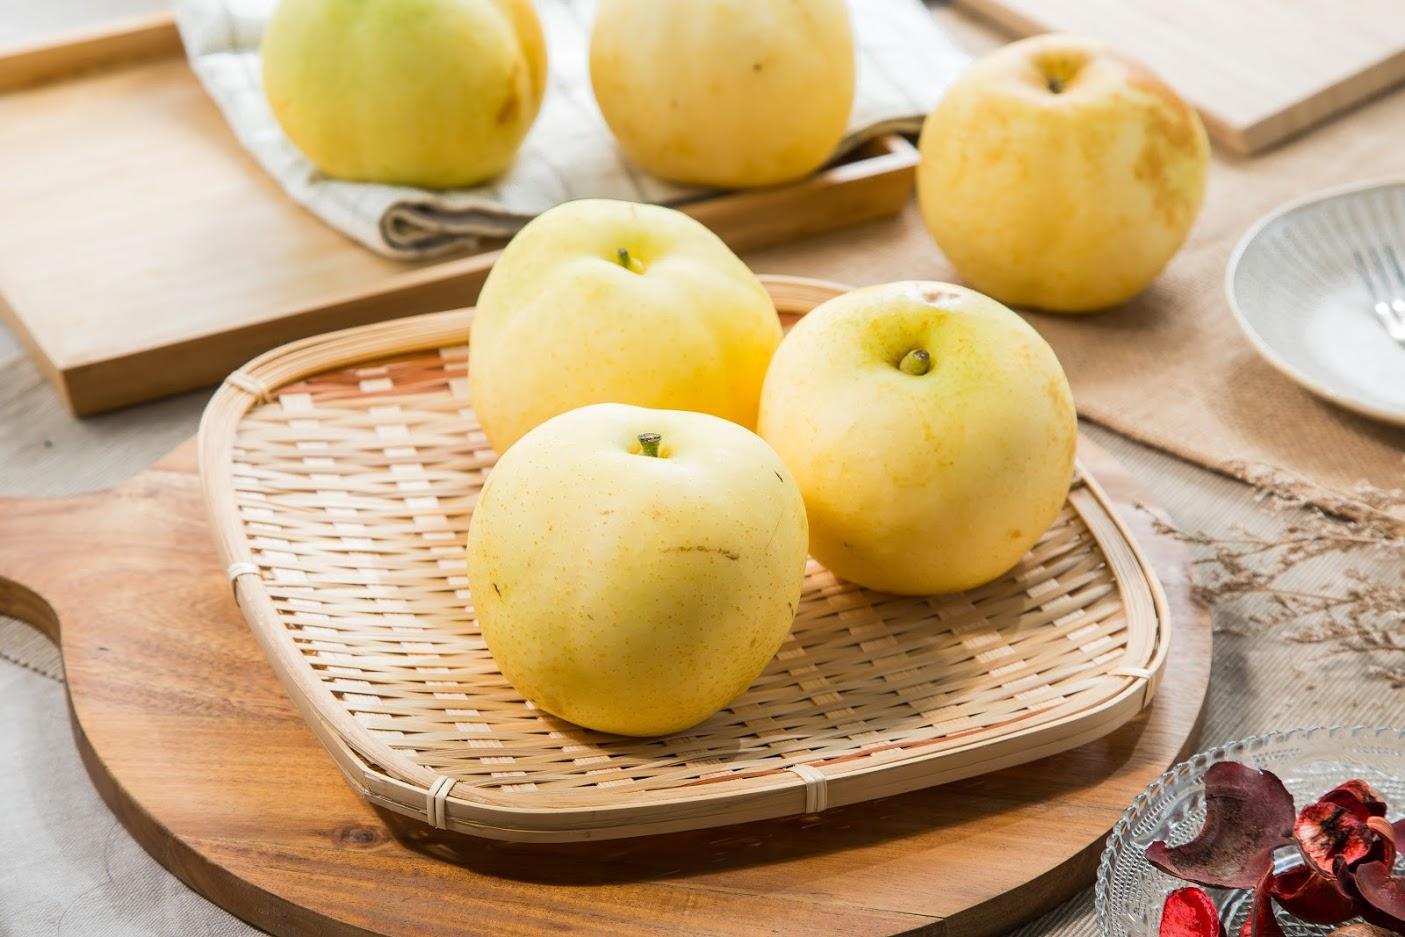 梨子知識|原來梨子這麼養生!久咳不止吃冰糖燉梨就對了